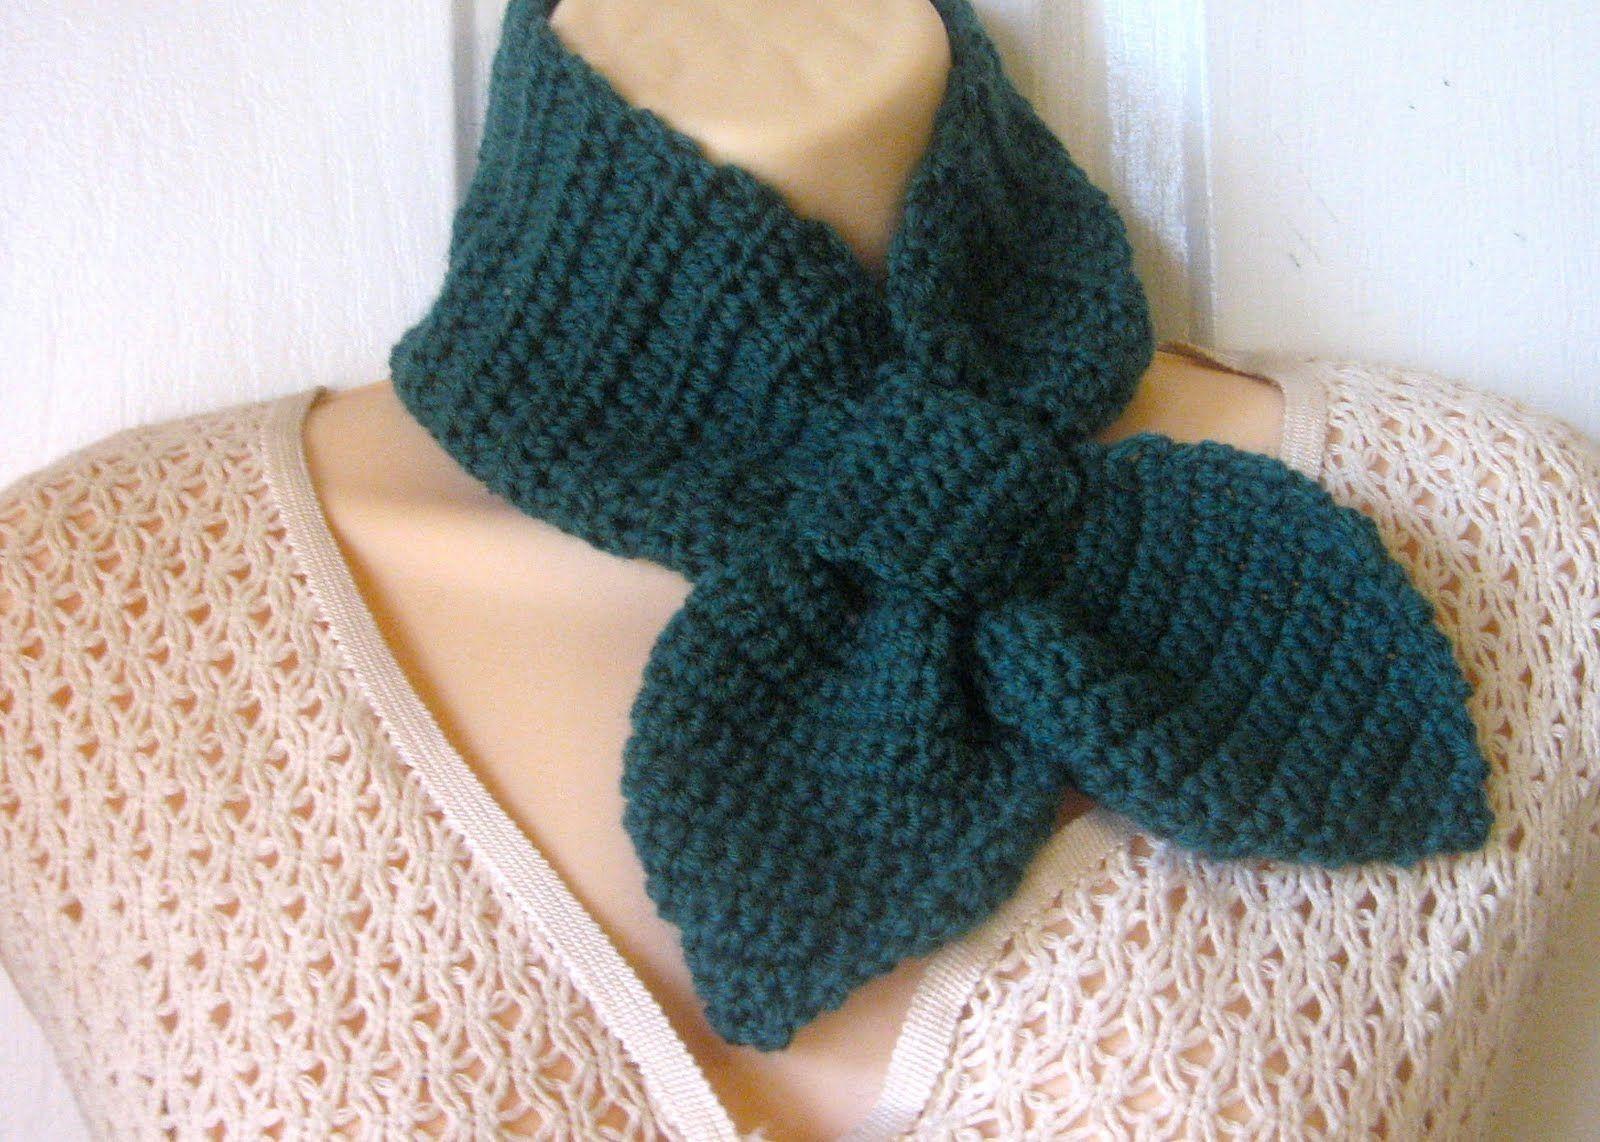 Free crochet neck warmer pattern images of free crochet patterns free crochet neck warmer pattern images of free crochet patterns for scarves and neck warmers bankloansurffo Gallery